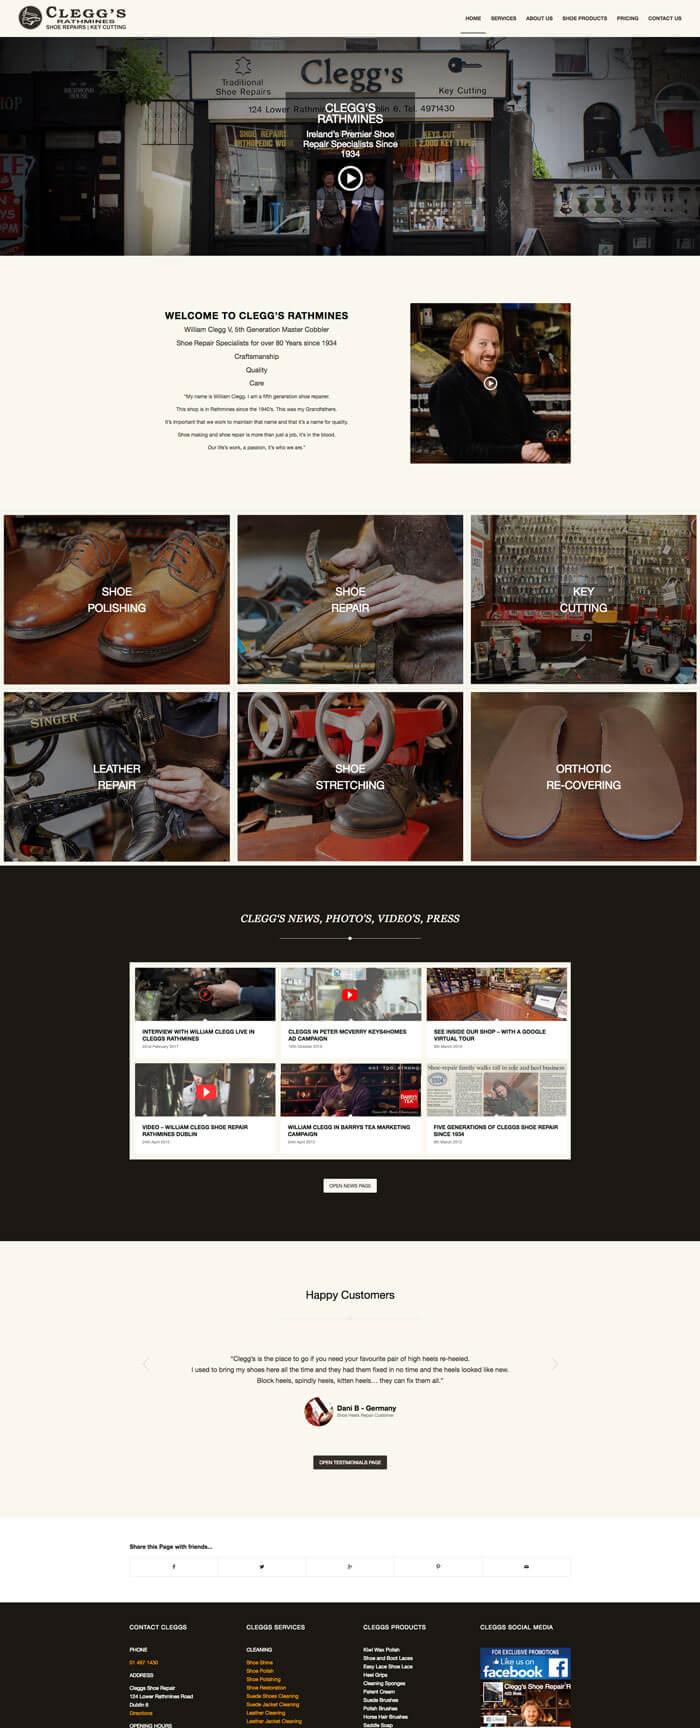 1 cleggs rathmines homepage.jpg